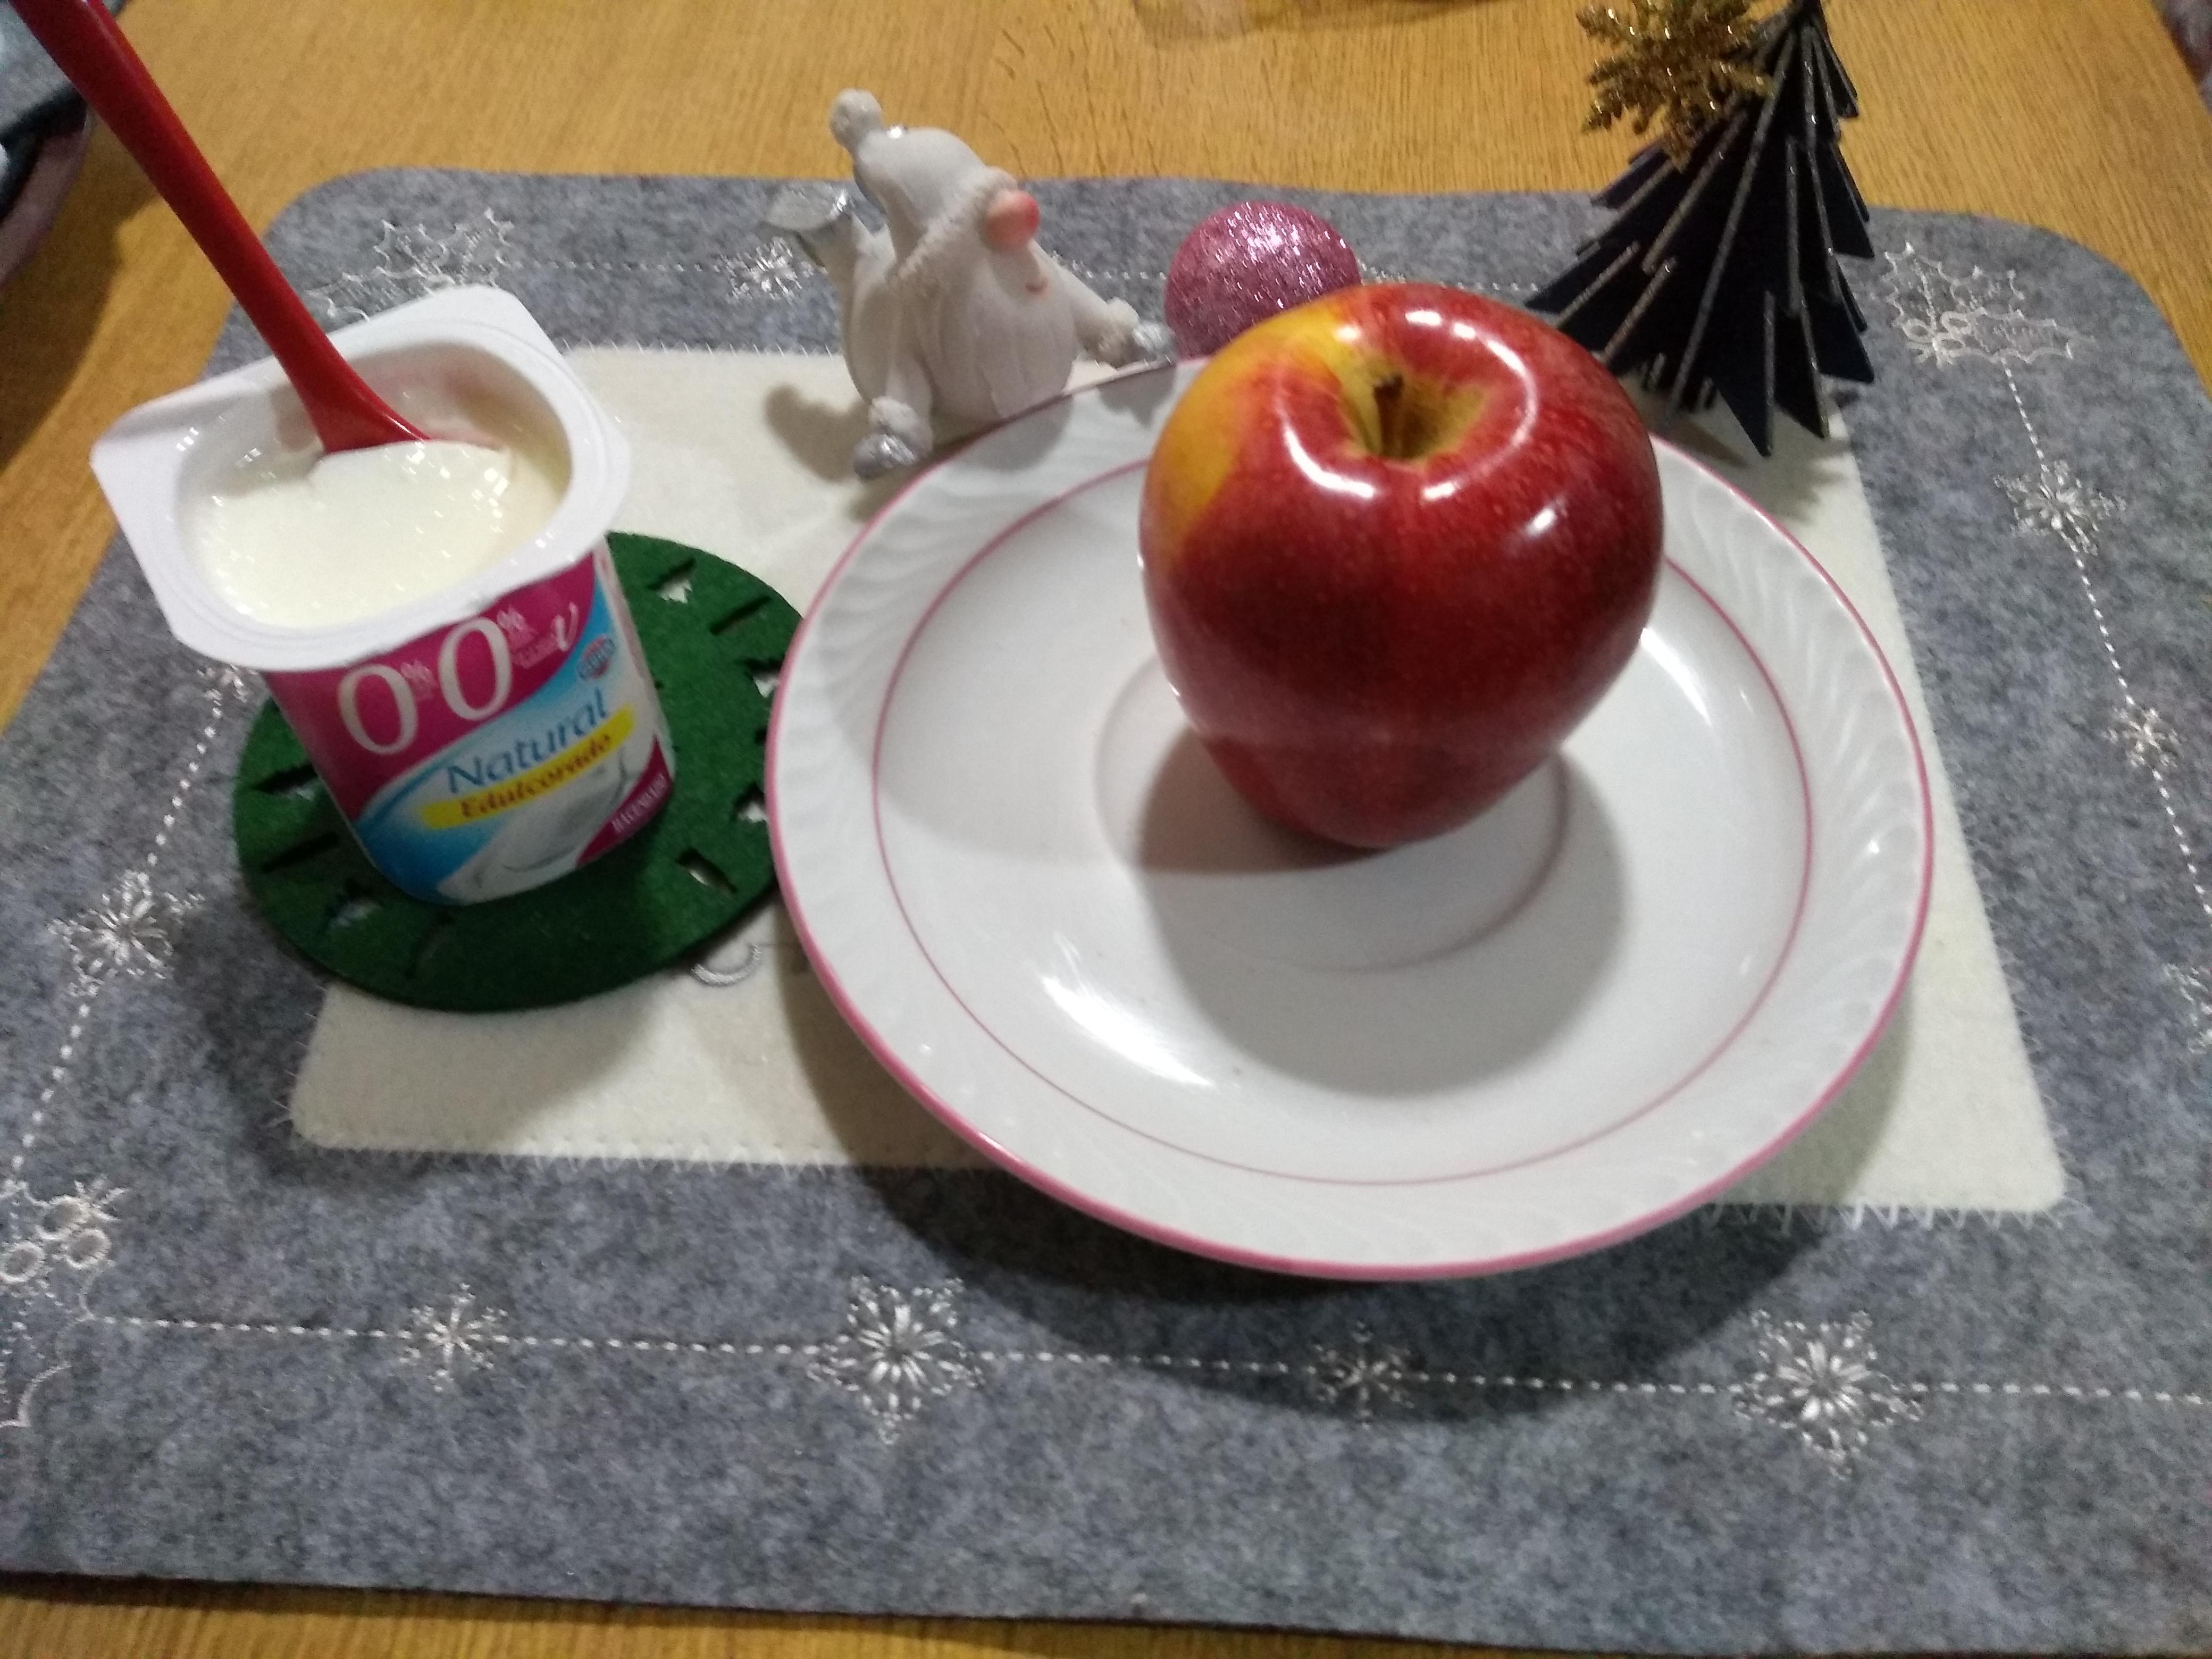 Menú de nochebuena sin excesos yogur desnatado y manzana